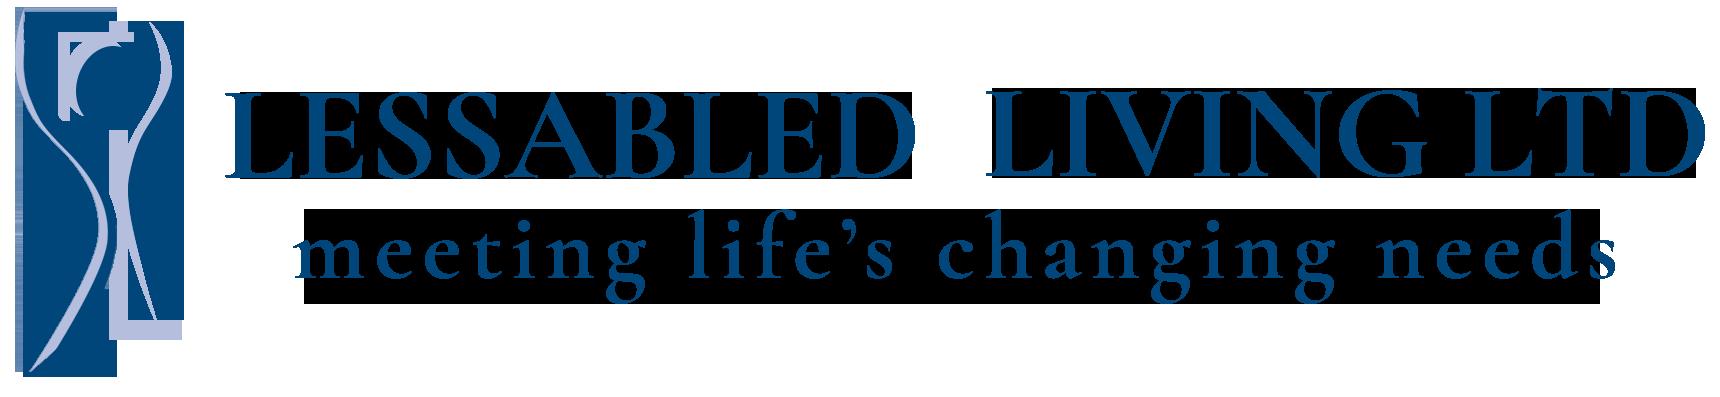 Lessabled Living Ltd logo